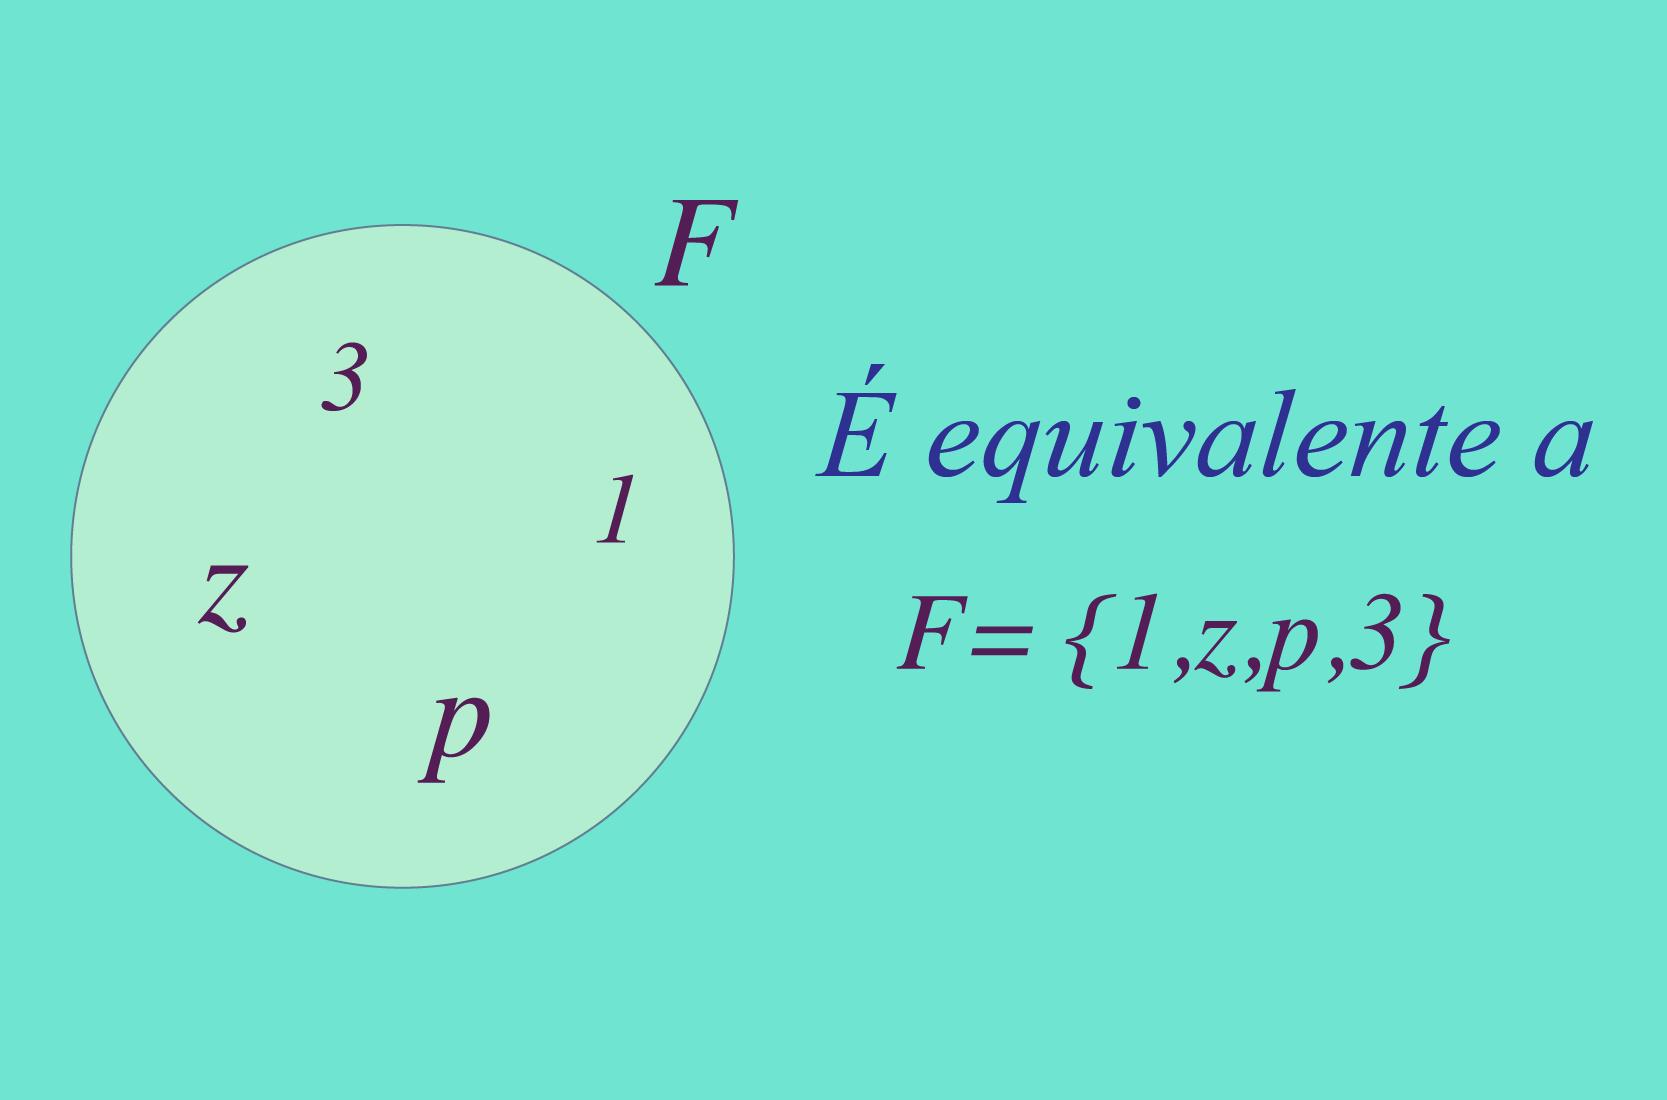 Representação gráfica e analítica do conjunto F.